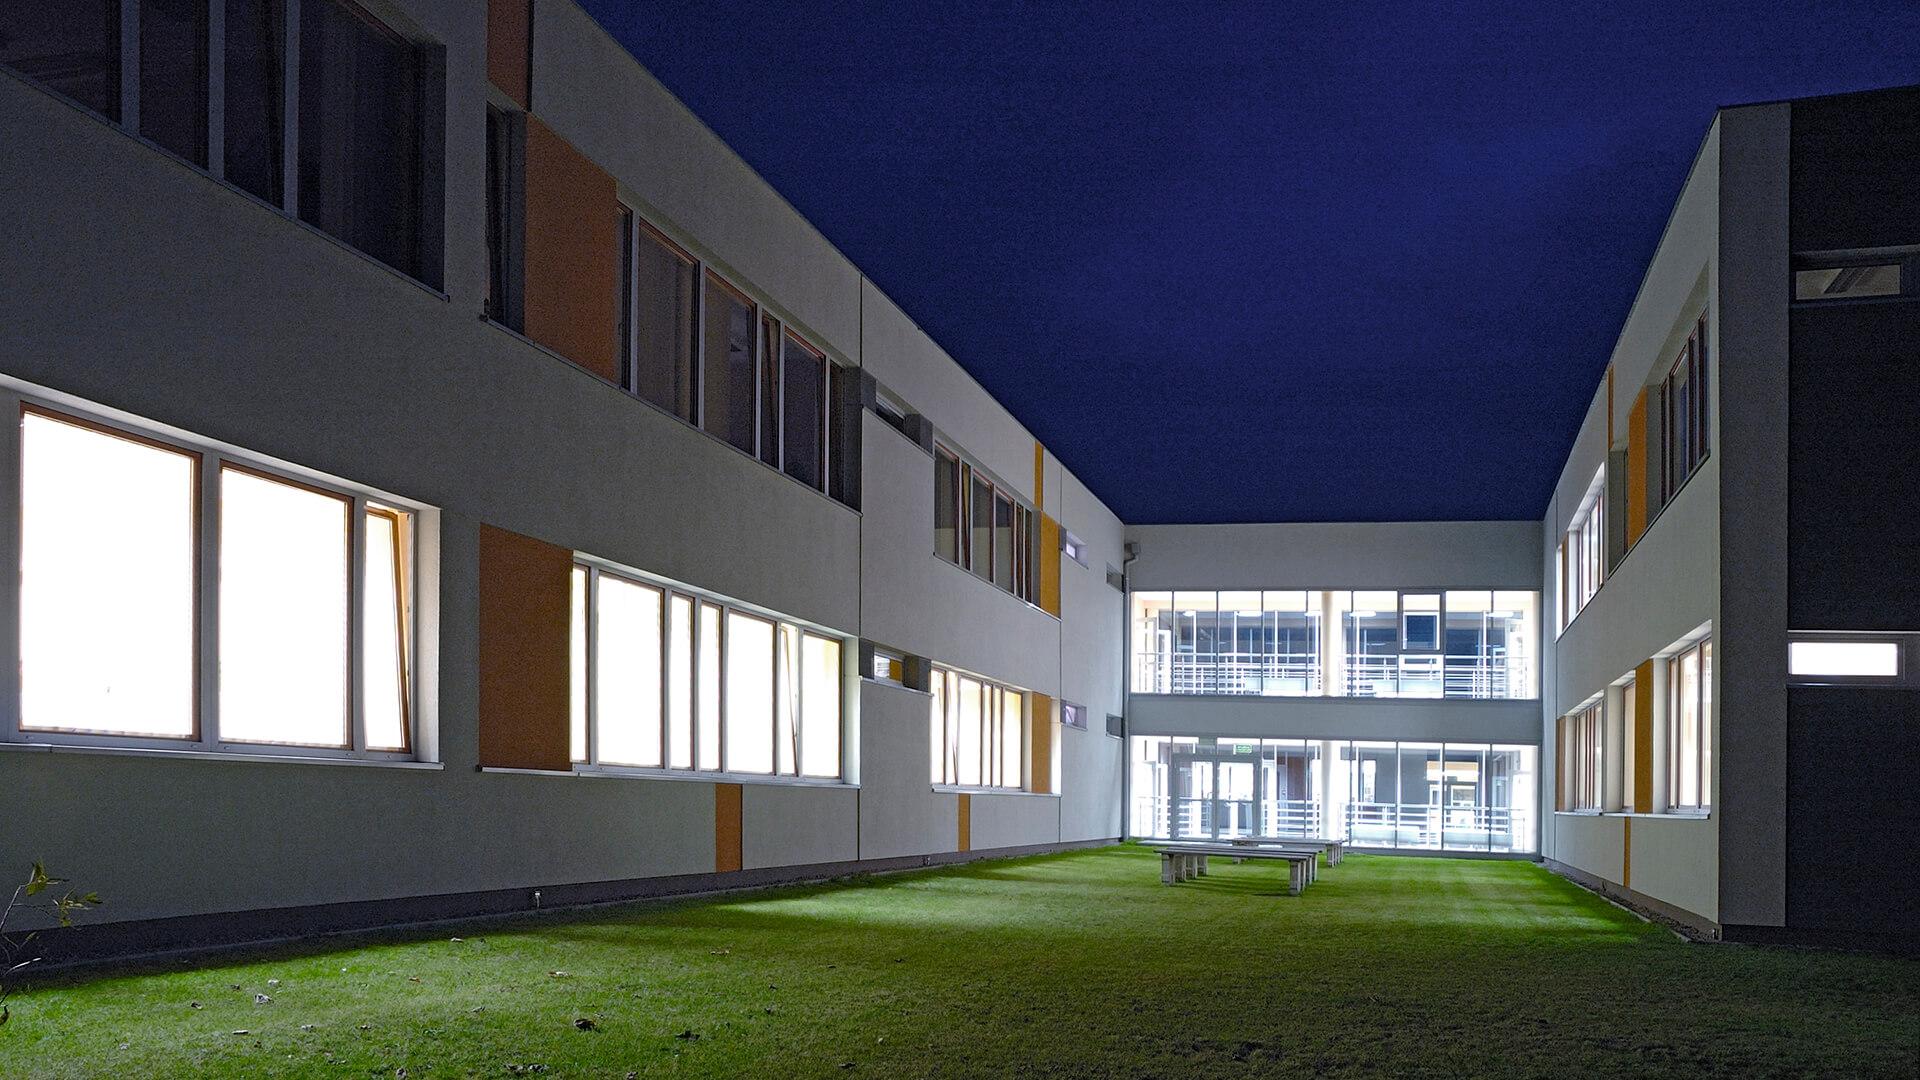 Gimnazjum w Kaźmierzu pod Poznaniem - Projekt Neostudio